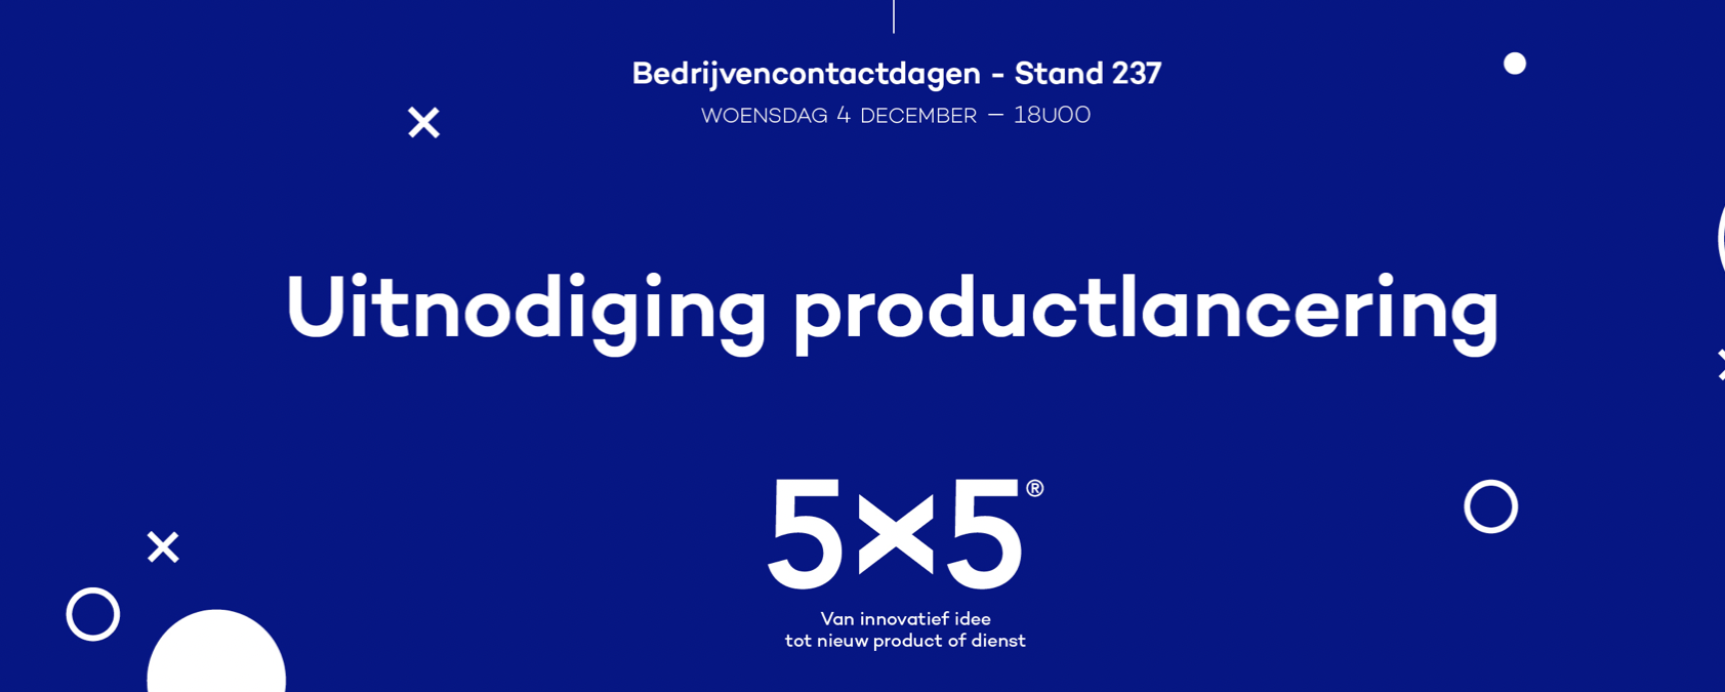 Uitnodiging 5x5 2019 innovatietraject productlancering